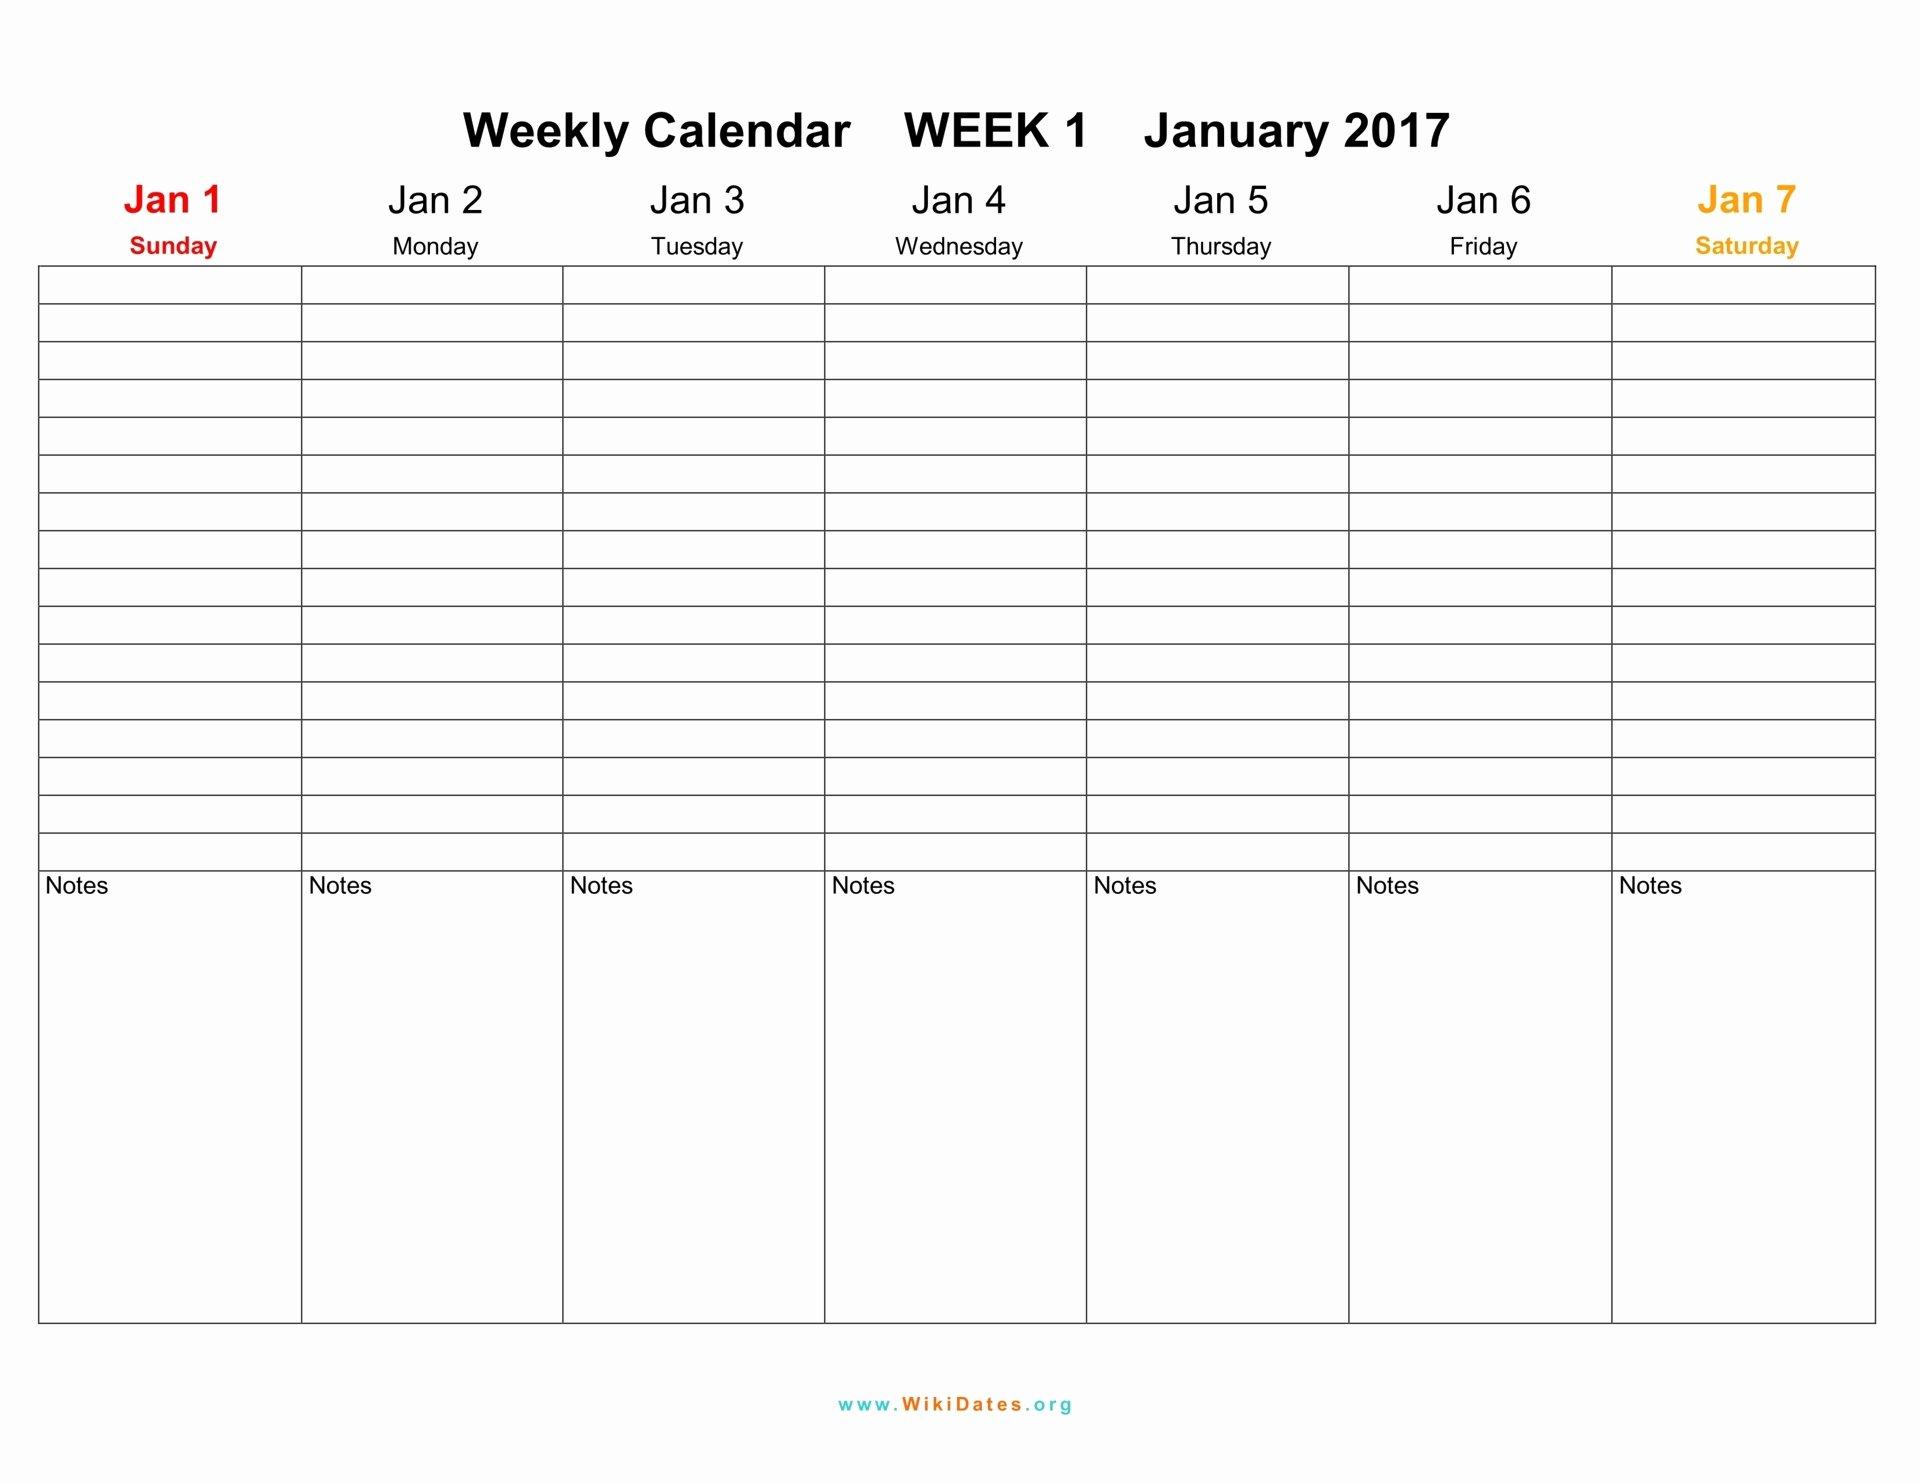 Weekly Calendar Template 2017 Beautiful Weekly Calendar Download Weekly Calendar 2017 and 2018